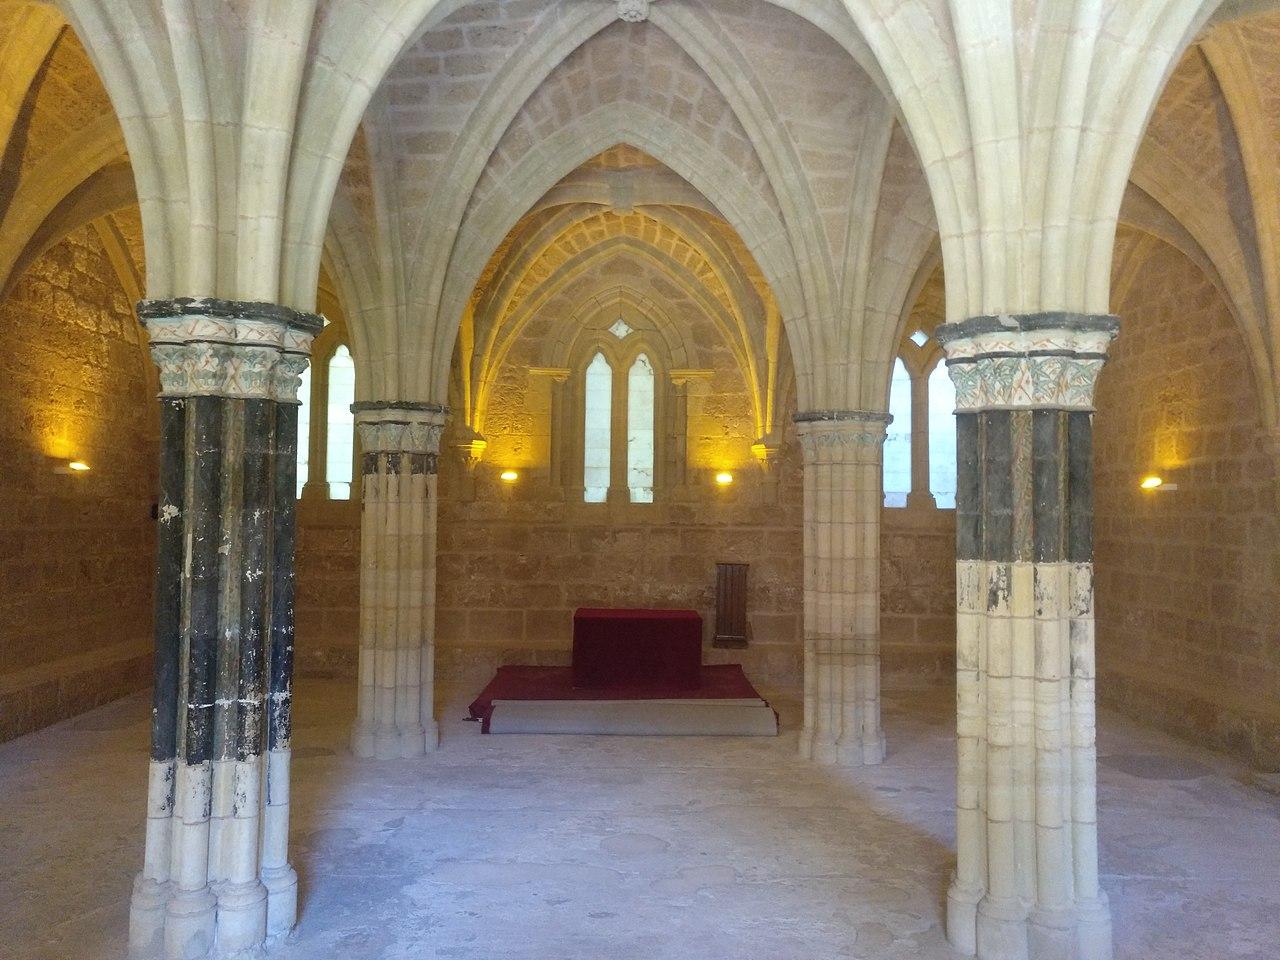 Sala Capitular del Monasterio de Piedra. Presenta 4 columnas antes policromadas, ahora descoloradas, con restos de pintura azul; al fondo, una mesa roja. Toda la sala está rodeada por un banco continuo.